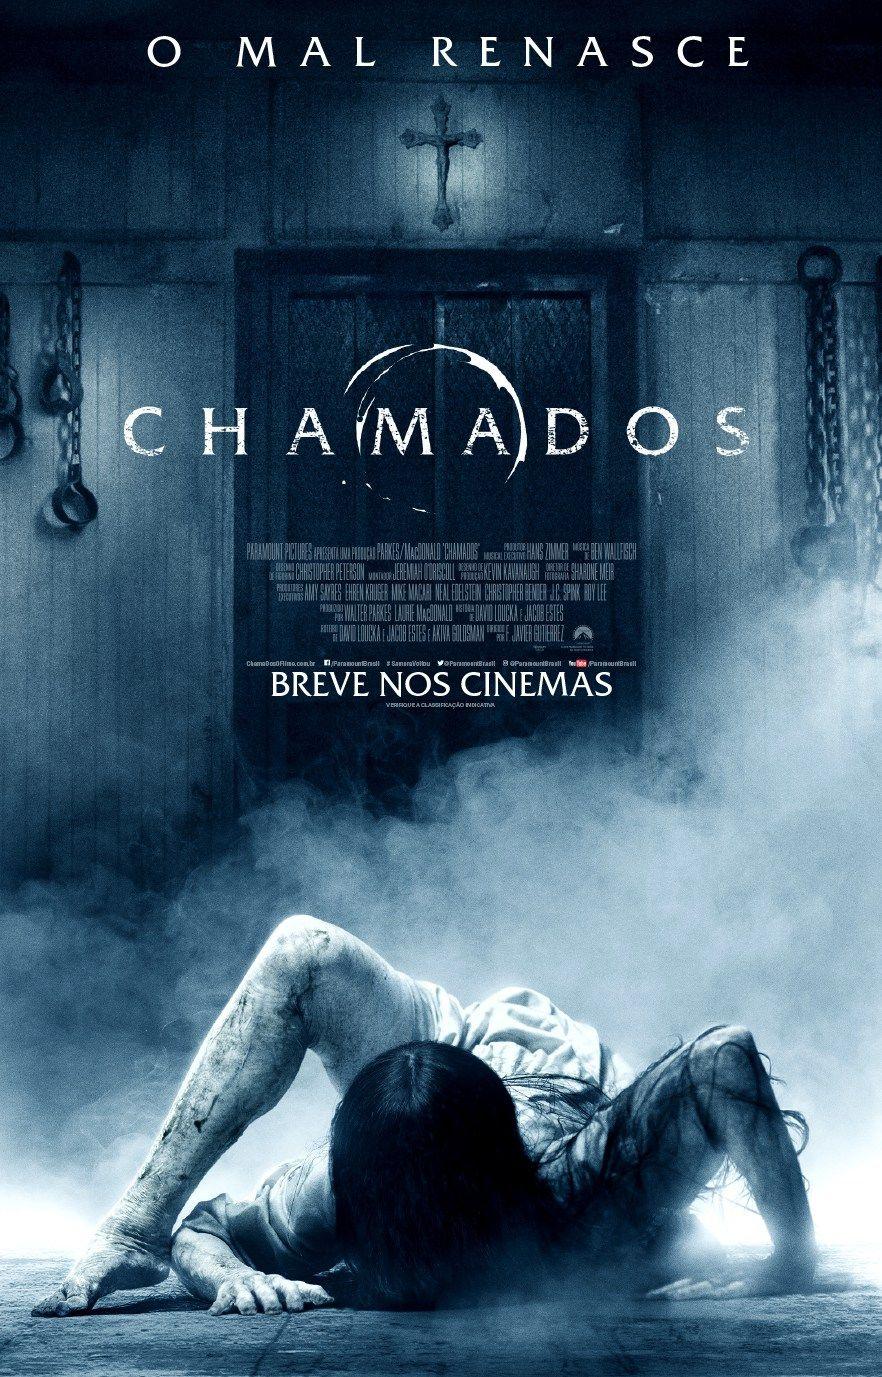 Samara Esta De Volta No Trailer Do Filme Chamados Cinema Bh Cartazes De Filmes De Terror Melhores Filmes De Terror Filmes